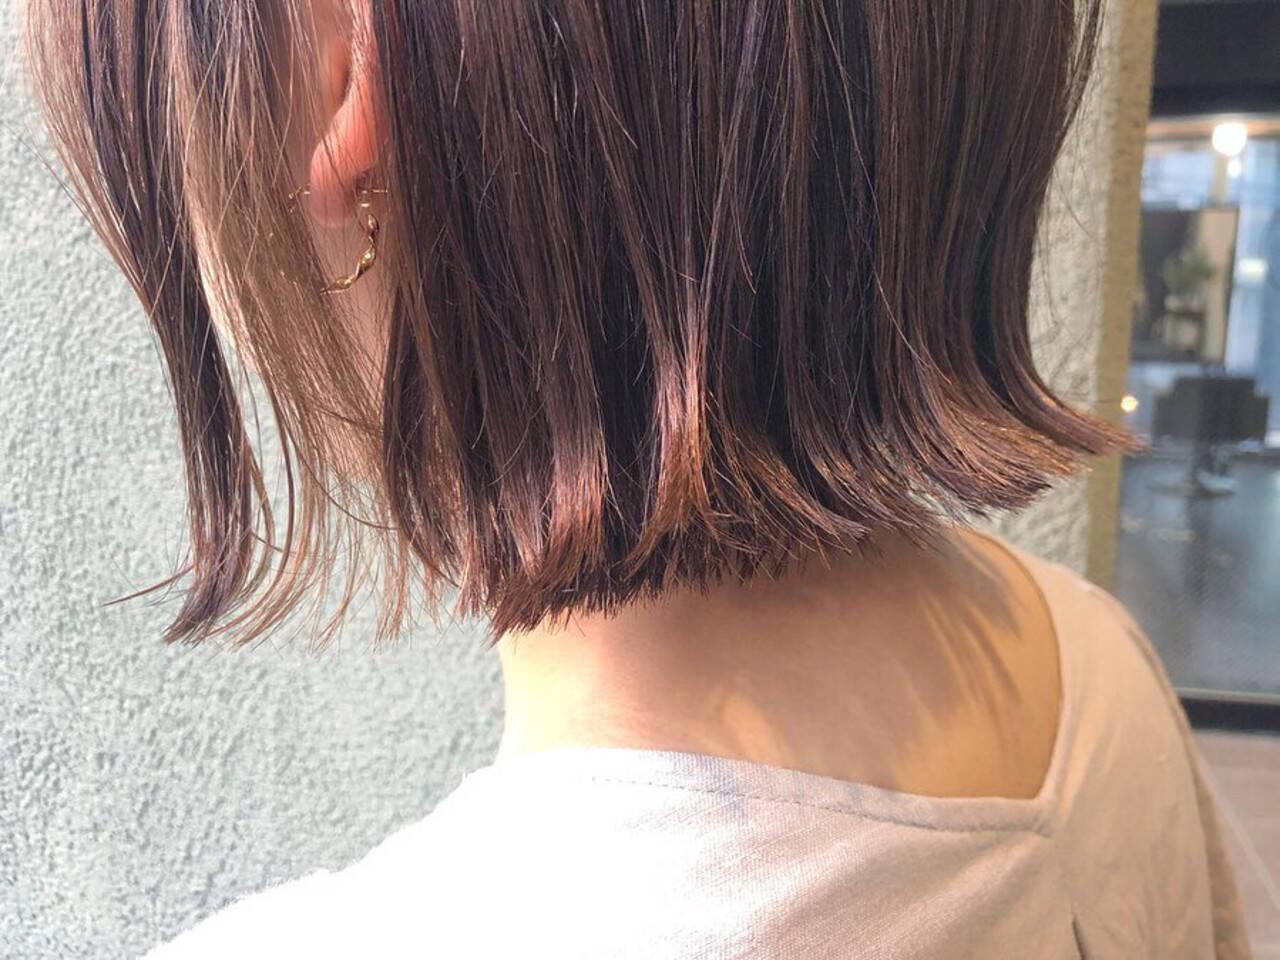 ナチュラル ショートヘア ボブ イルミナカラーヘアスタイルや髪型の写真・画像